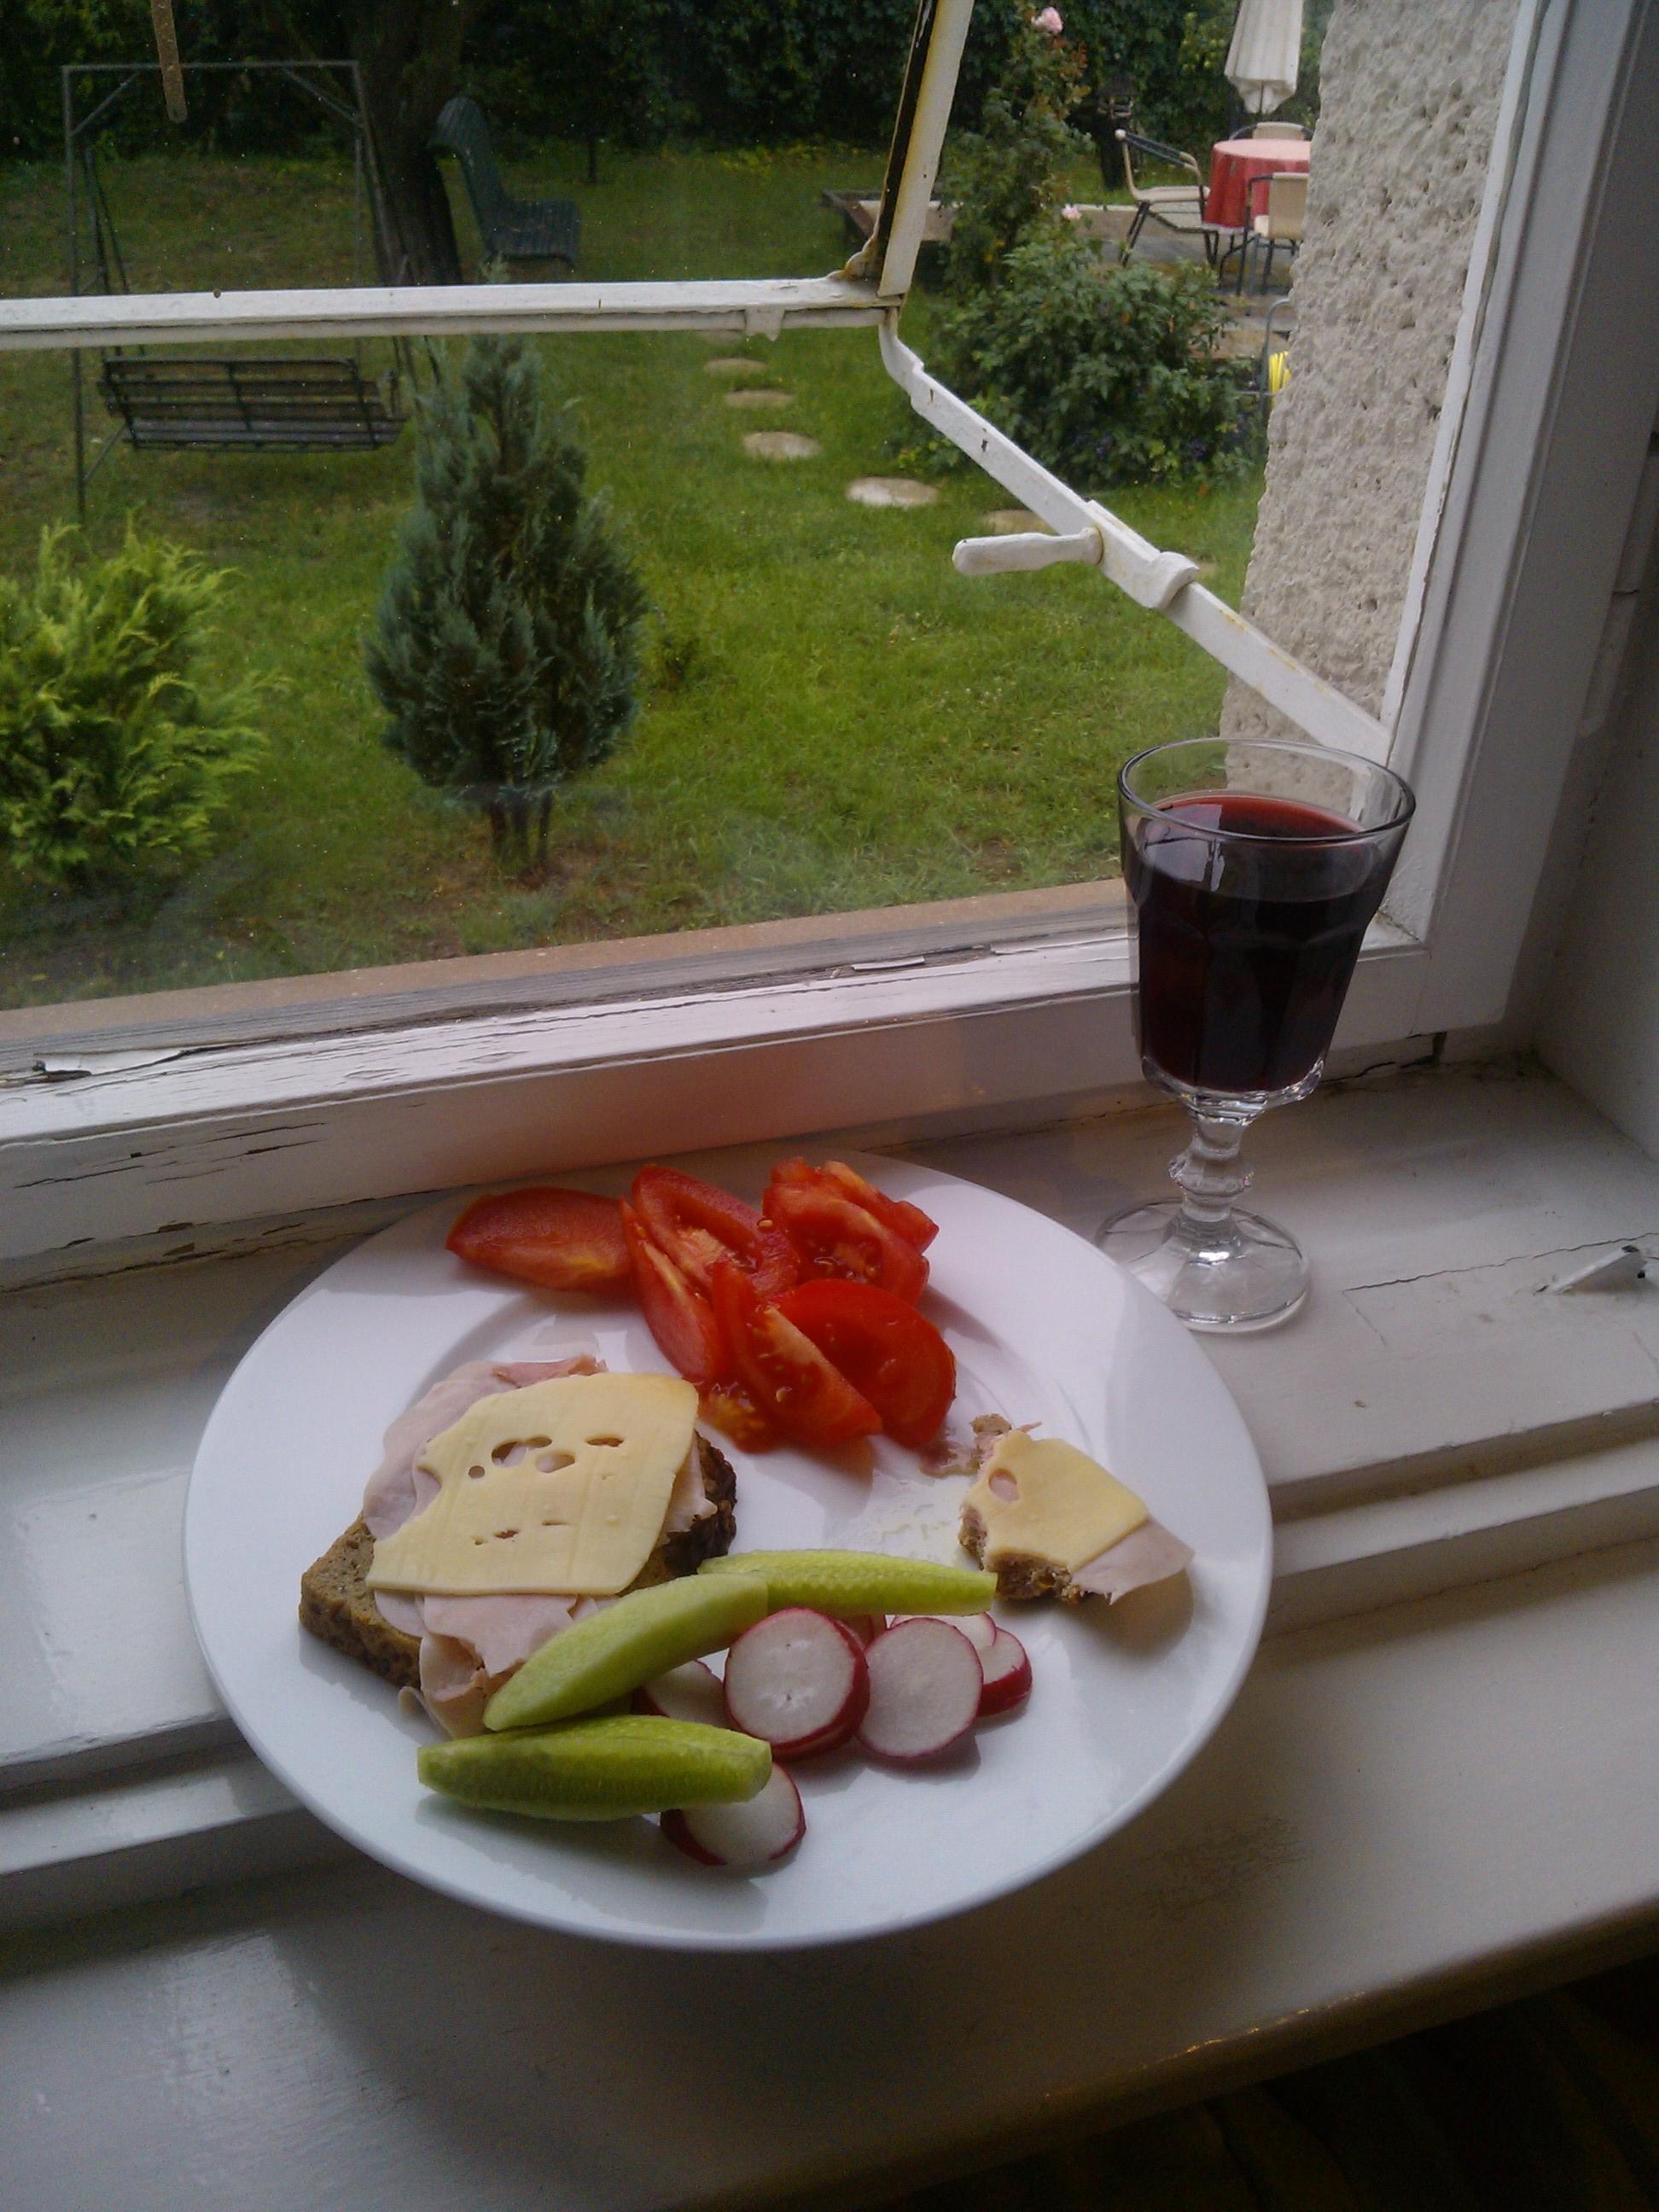 Suchá letná večera, v tom pohári bude červené víno